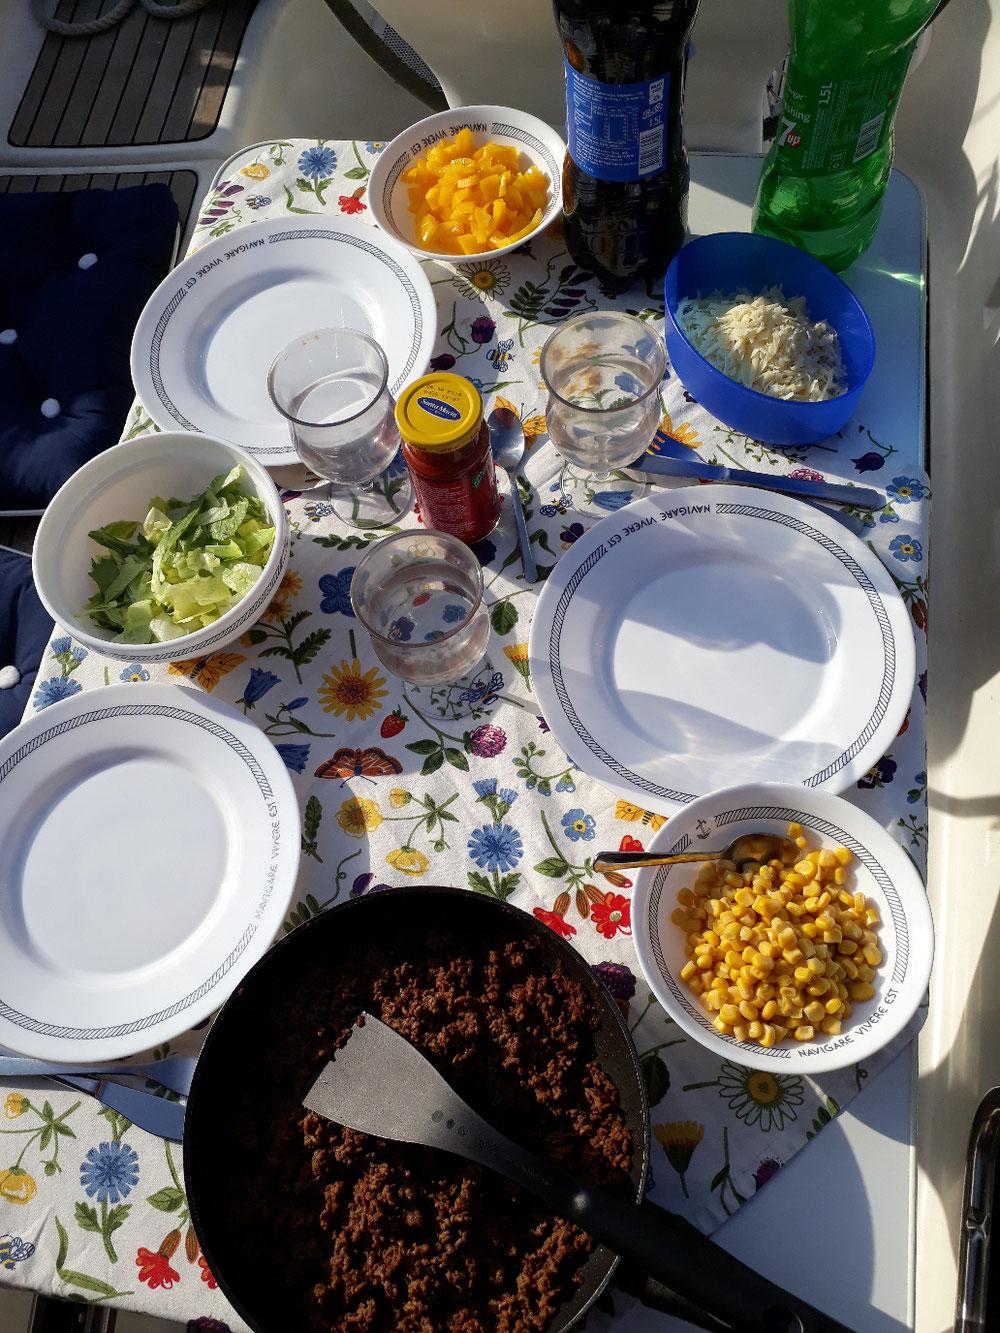 Dinner prepared